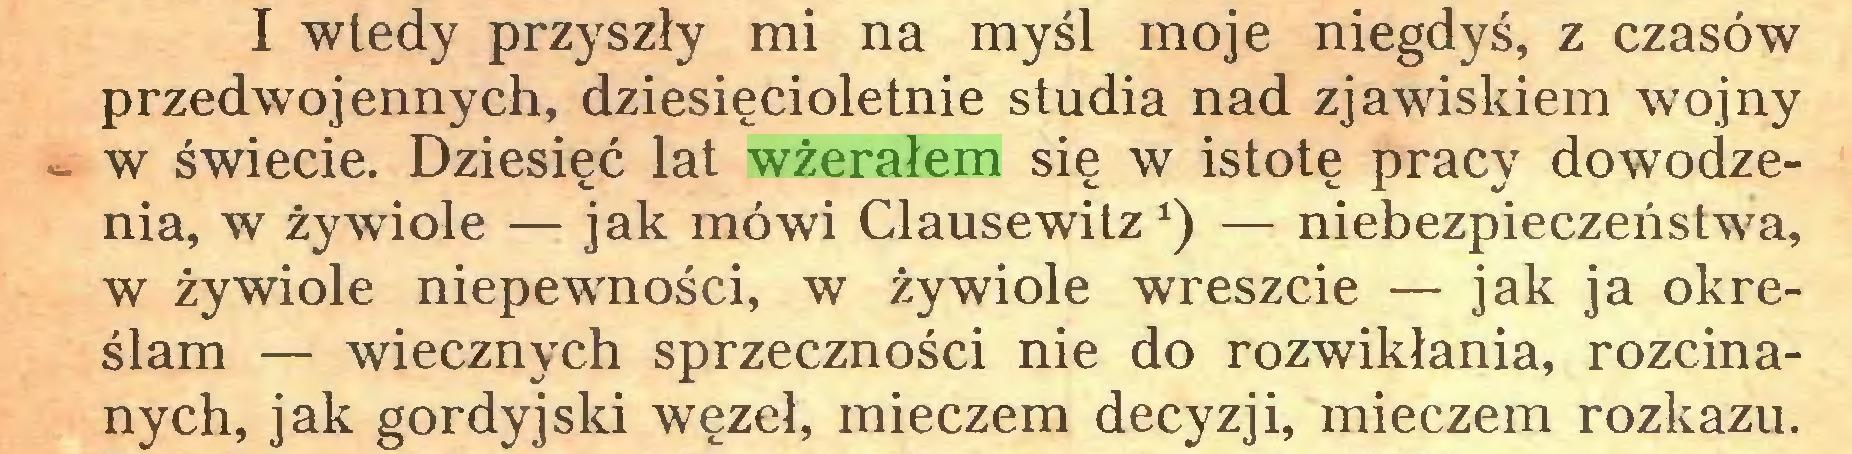 (...) I wtedy przyszły mi na myśl moje niegdyś, z czasów przedwojennych, dziesięcioletnie studia nad zjawiskiem wojny - w świecie. Dziesięć lat wżerałem się w istotę pracy dowodzenia, w żywiole — jak mówi Clausewitz*) — niebezpieczeństwa, w żywiole niepewności, w żywiole wreszcie — jak ja określam — wiecznych sprzeczności nie do rozwikłania, rozcinanych, jak gordyjski węzeł, mieczem decyzji, mieczem rozkazu...